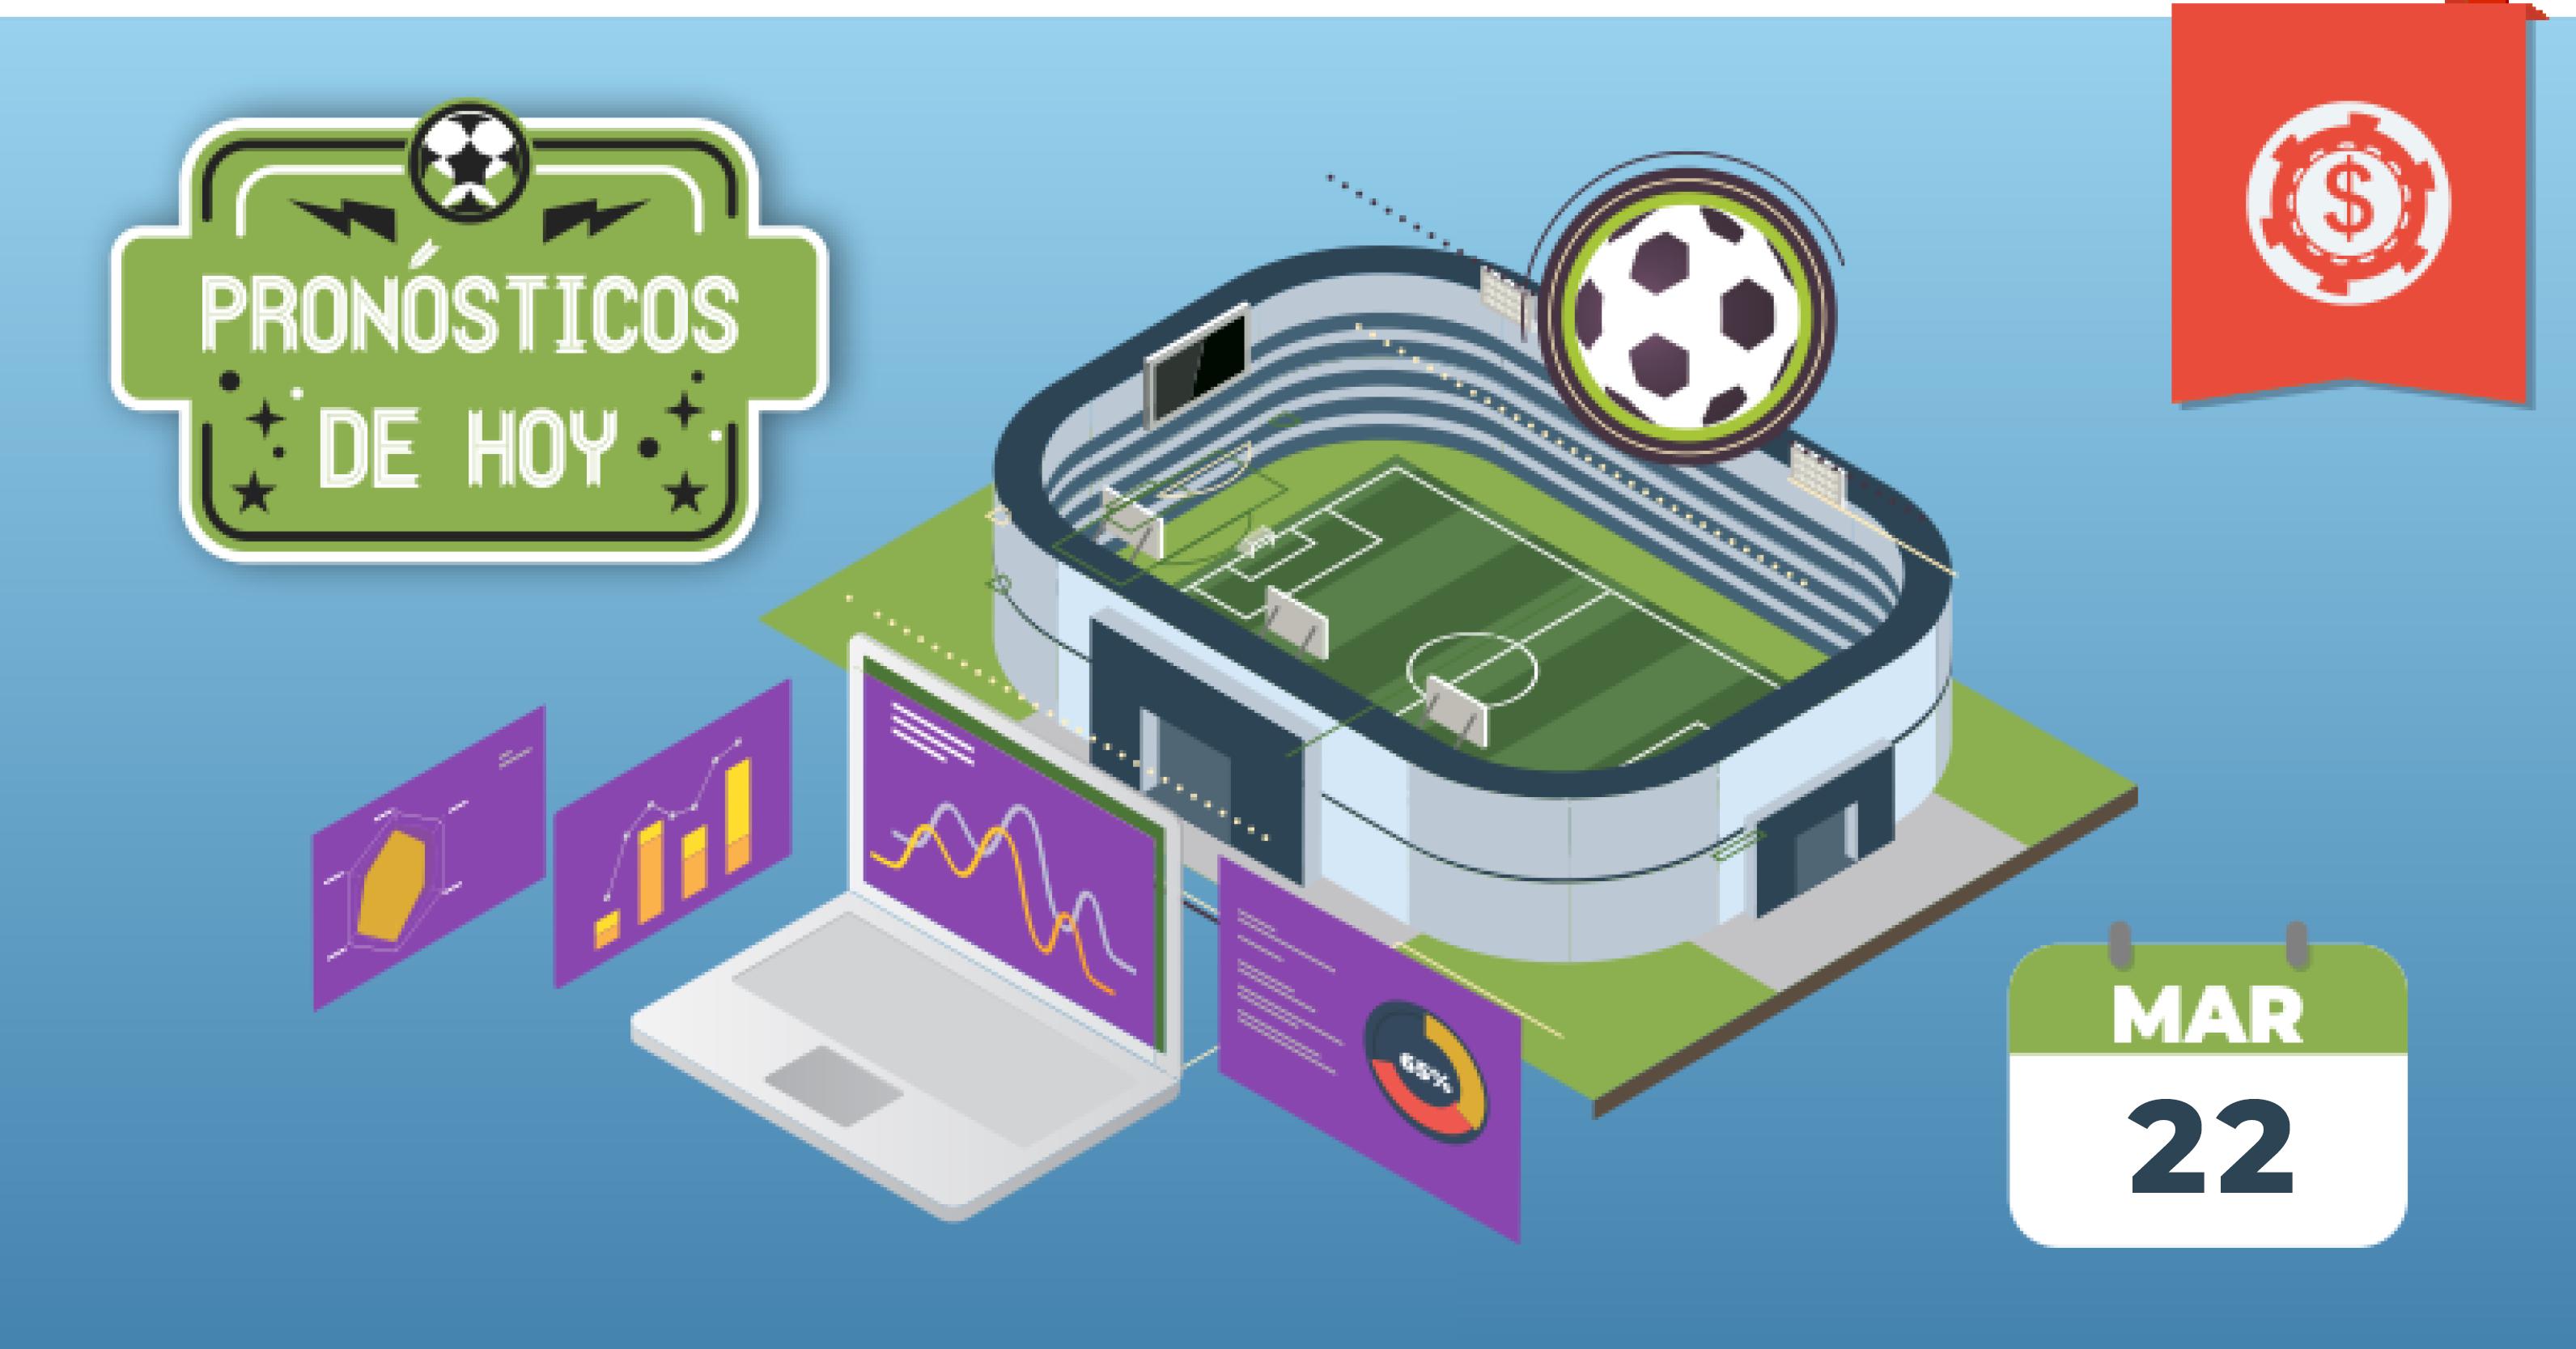 pronosticos-futbol-hoy-predicciones-22-marzo-2019